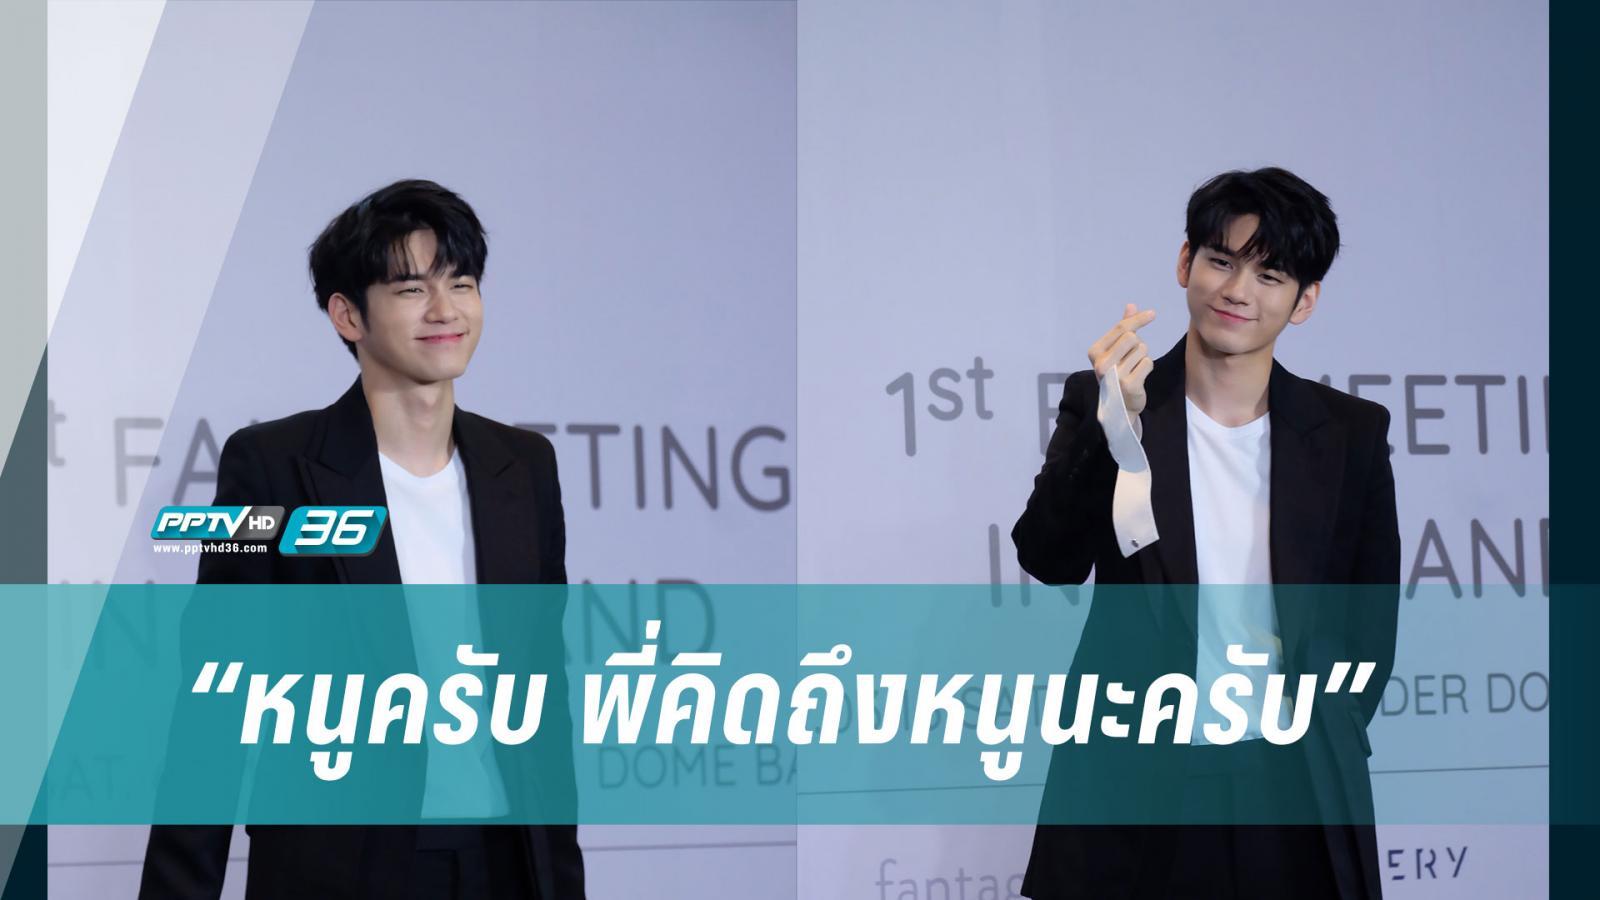 """""""องซองอู"""" หยอดหวานแฟนไทย 'หนูครับ พี่คิดถึงหนูนะครับ'"""